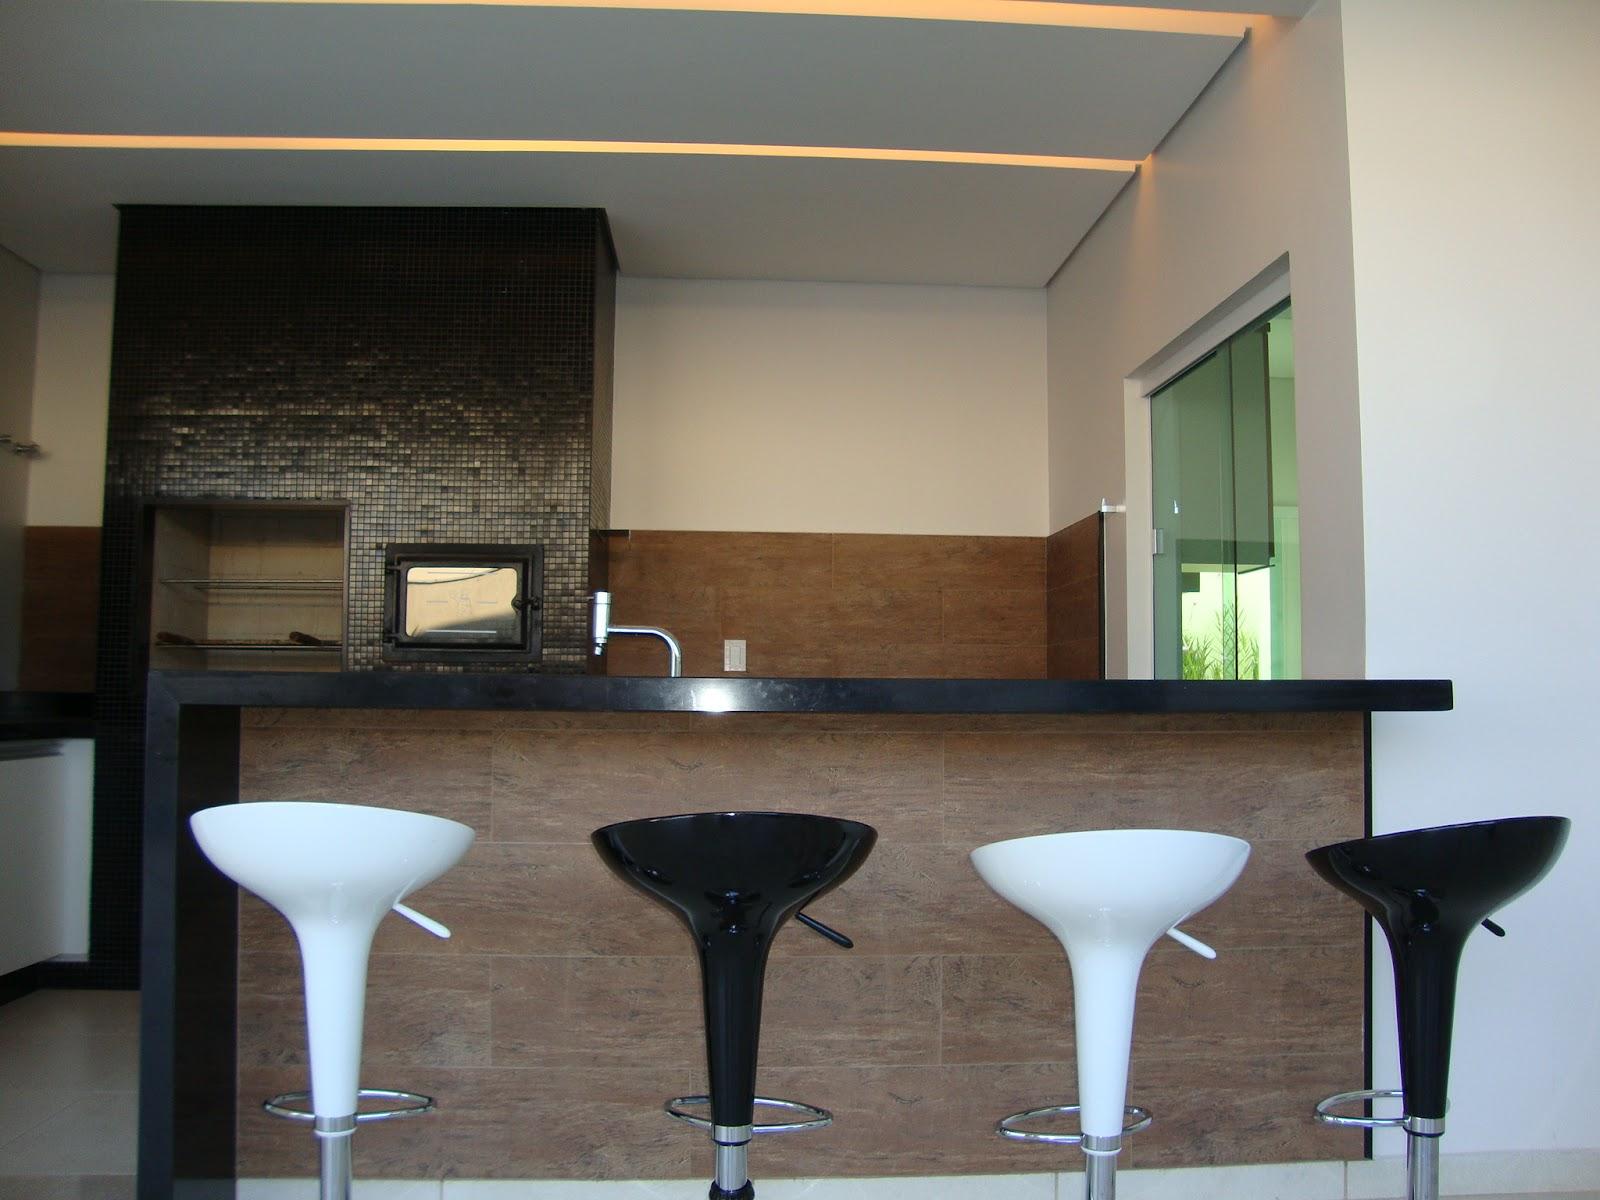 Residência Morada da Colina Uberlândia MG Manuela Quirino #8B6F40 1600x1200